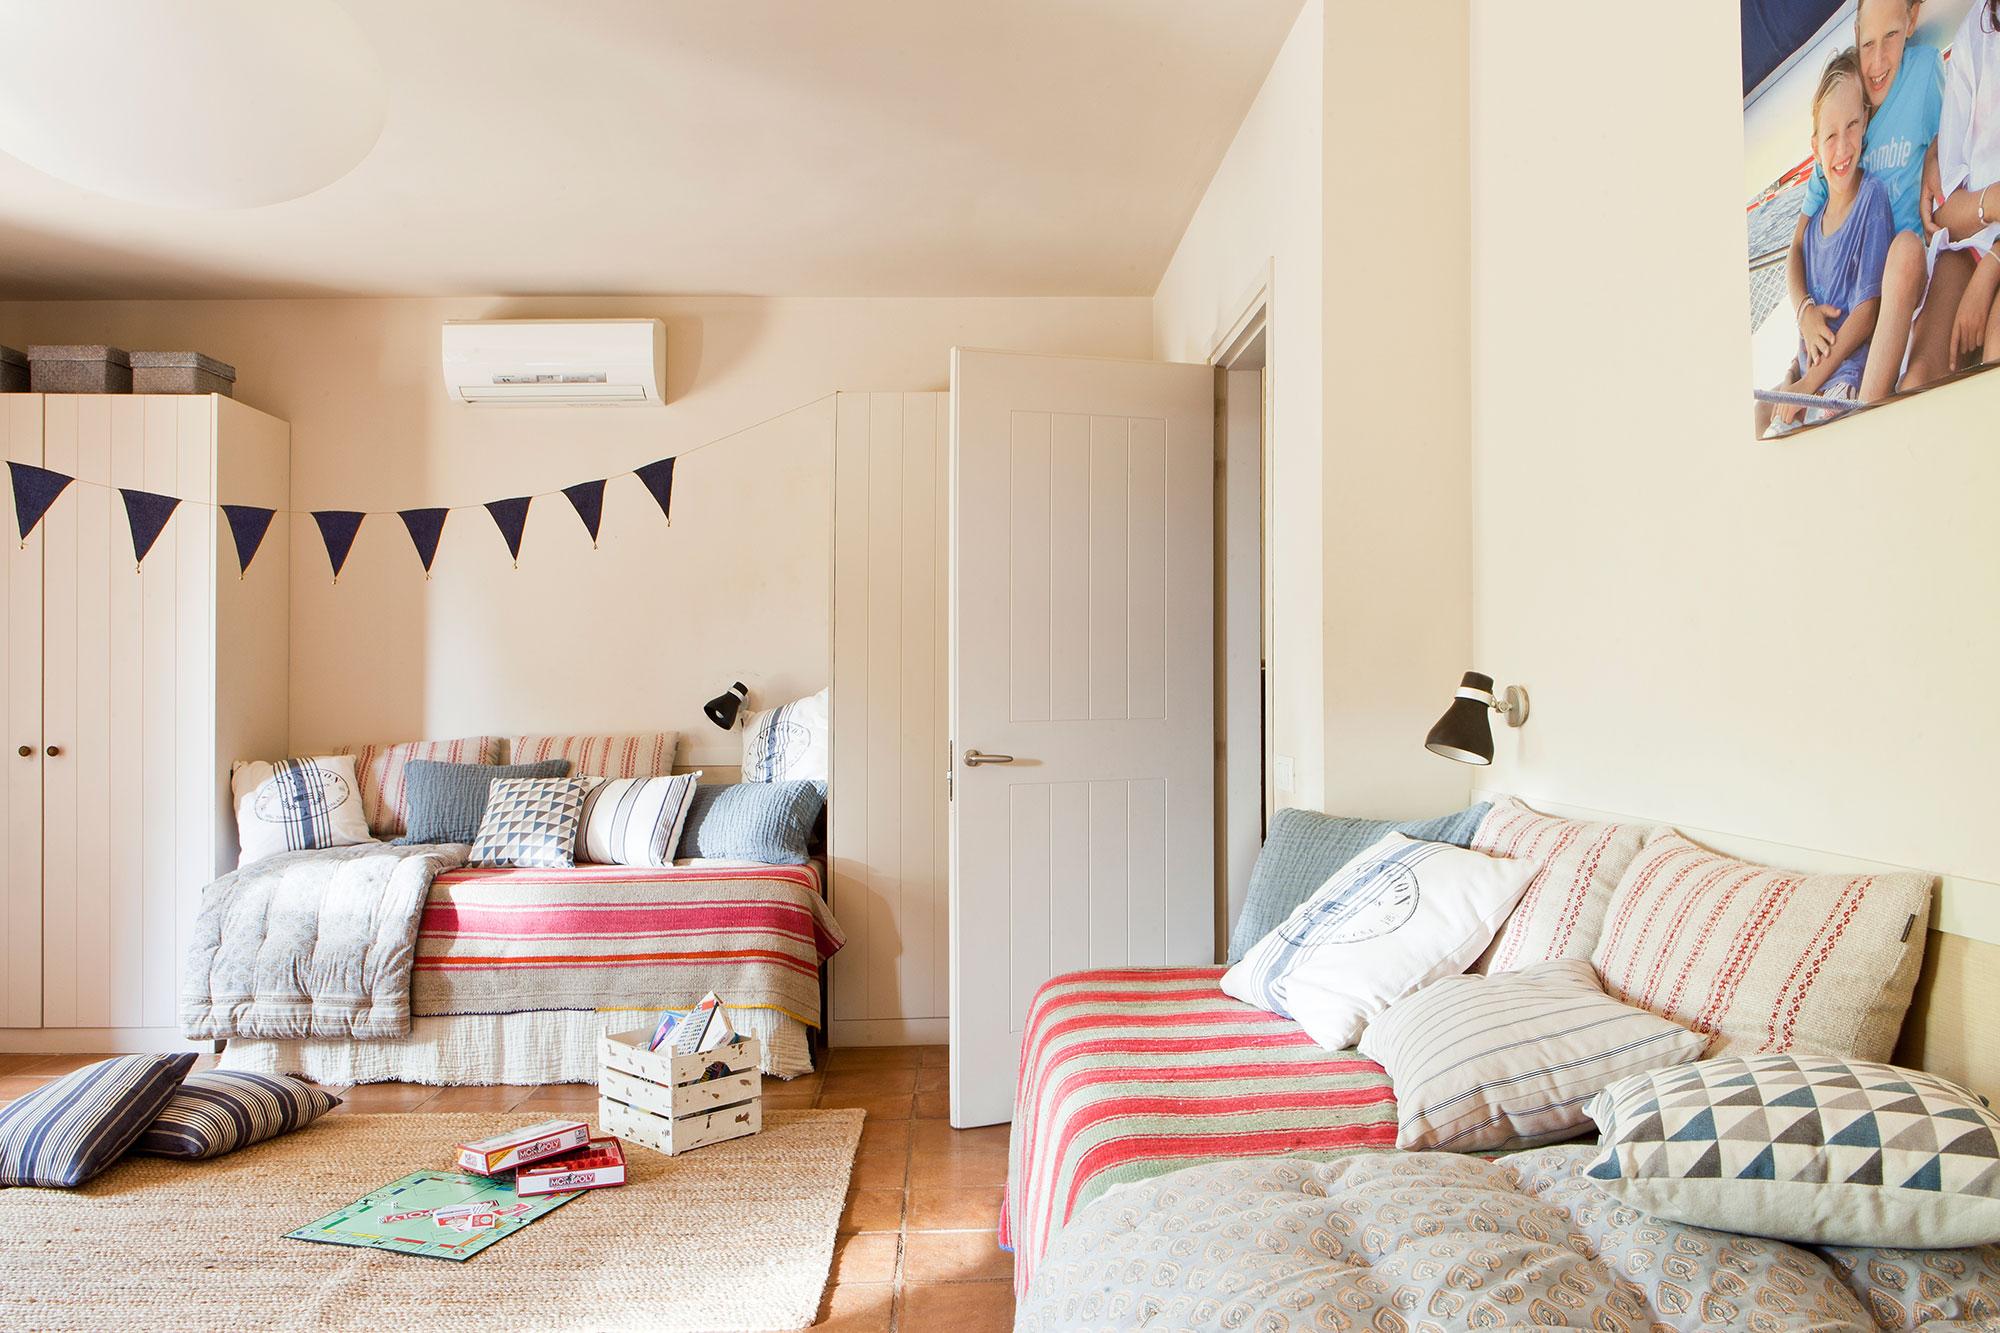 Dormitorios infantiles 7 buenas ideas para compartir - Habitaciones juveniles con estilo ...